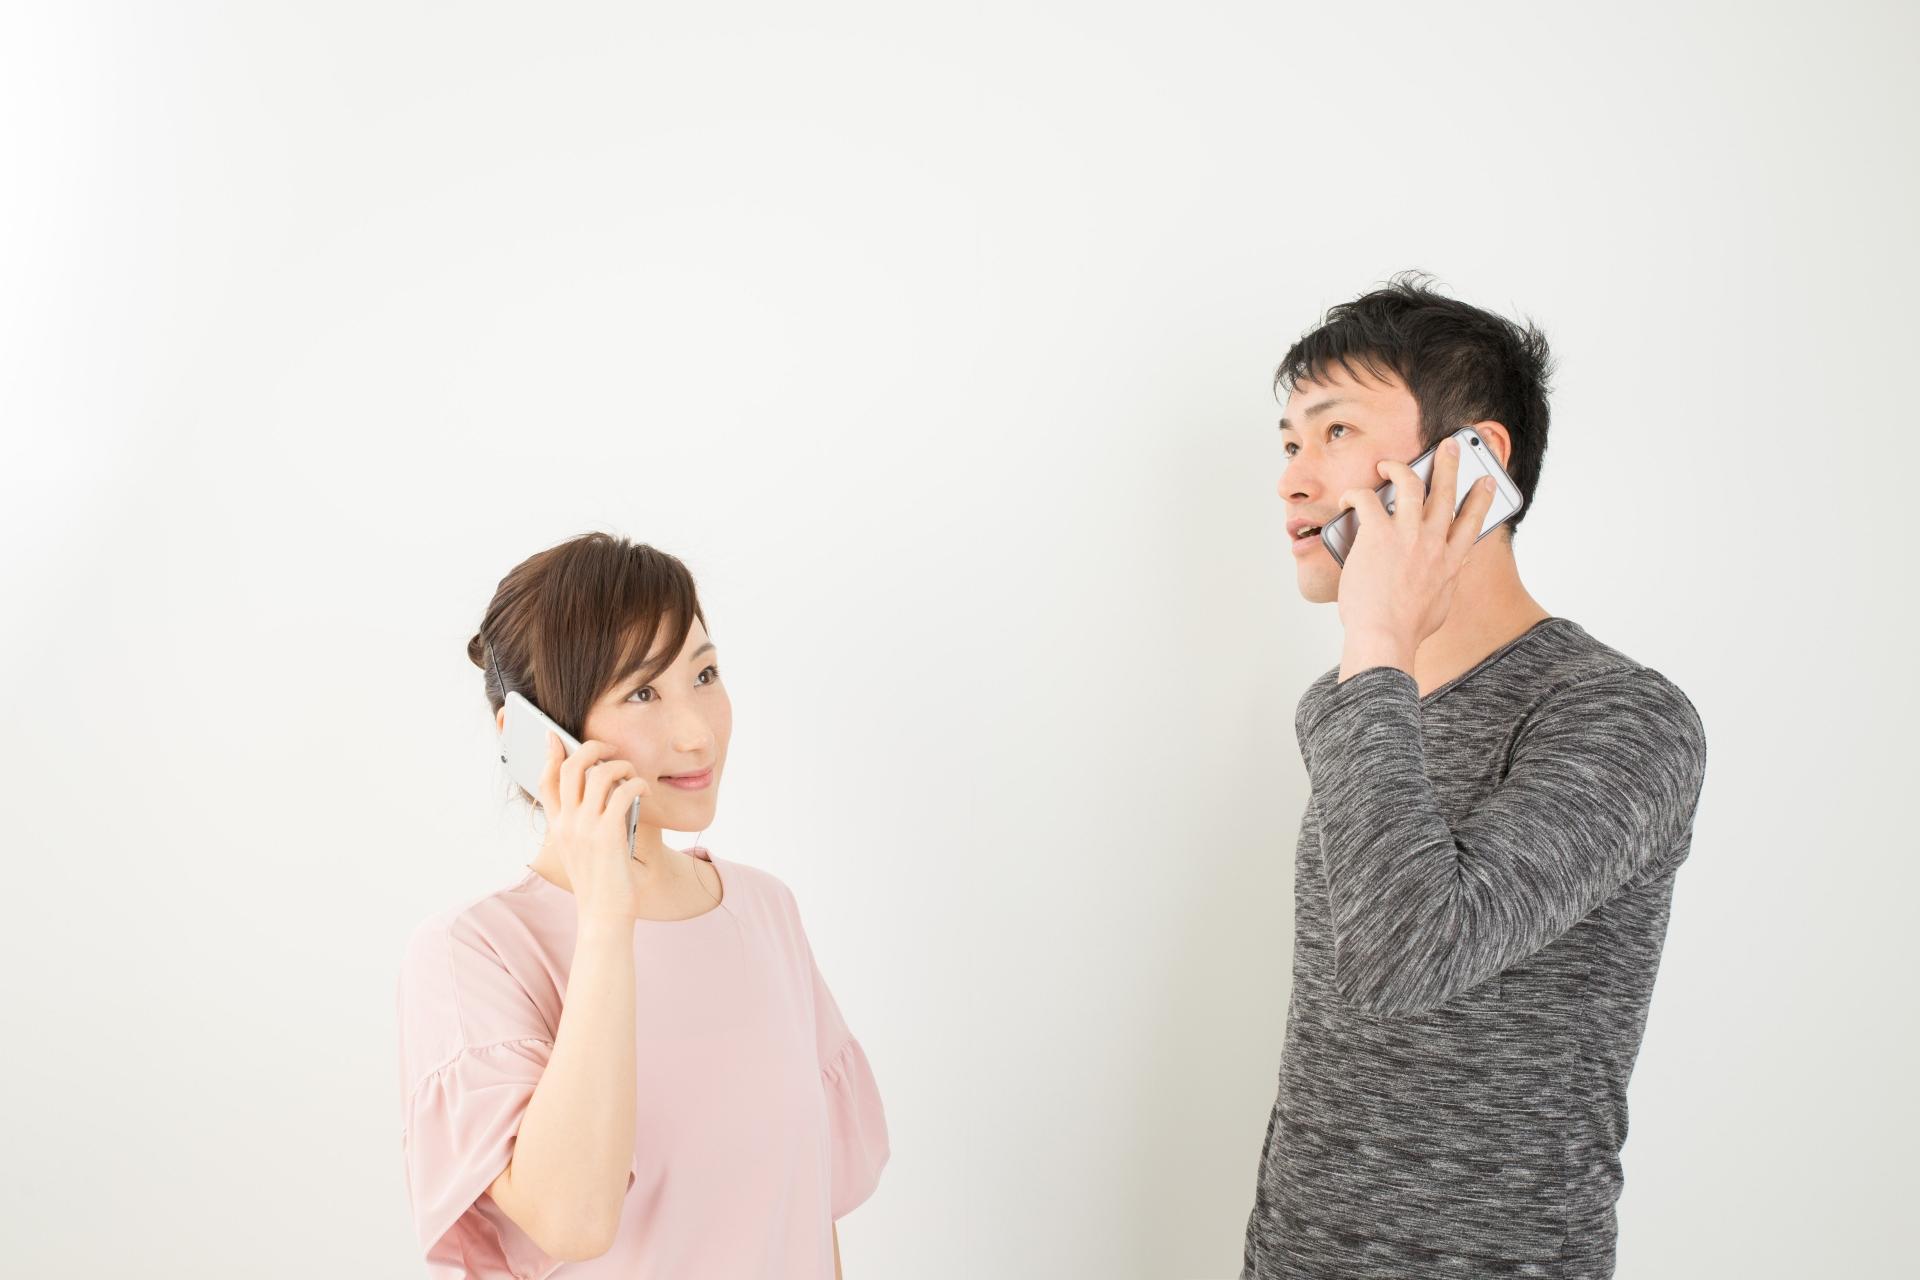 男性が電話で告白する時に気をつけておくべきこと